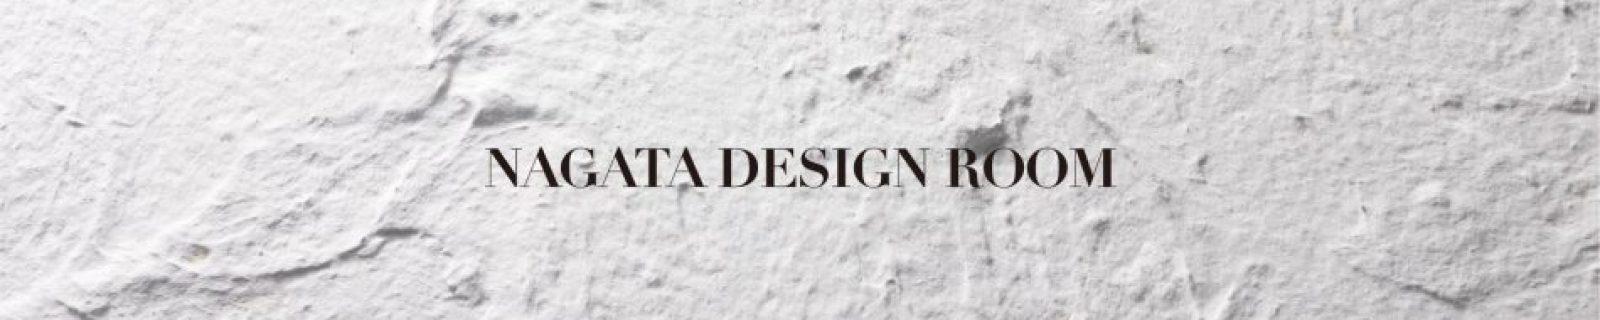 永田デザイン室|大阪のデザイン事務所